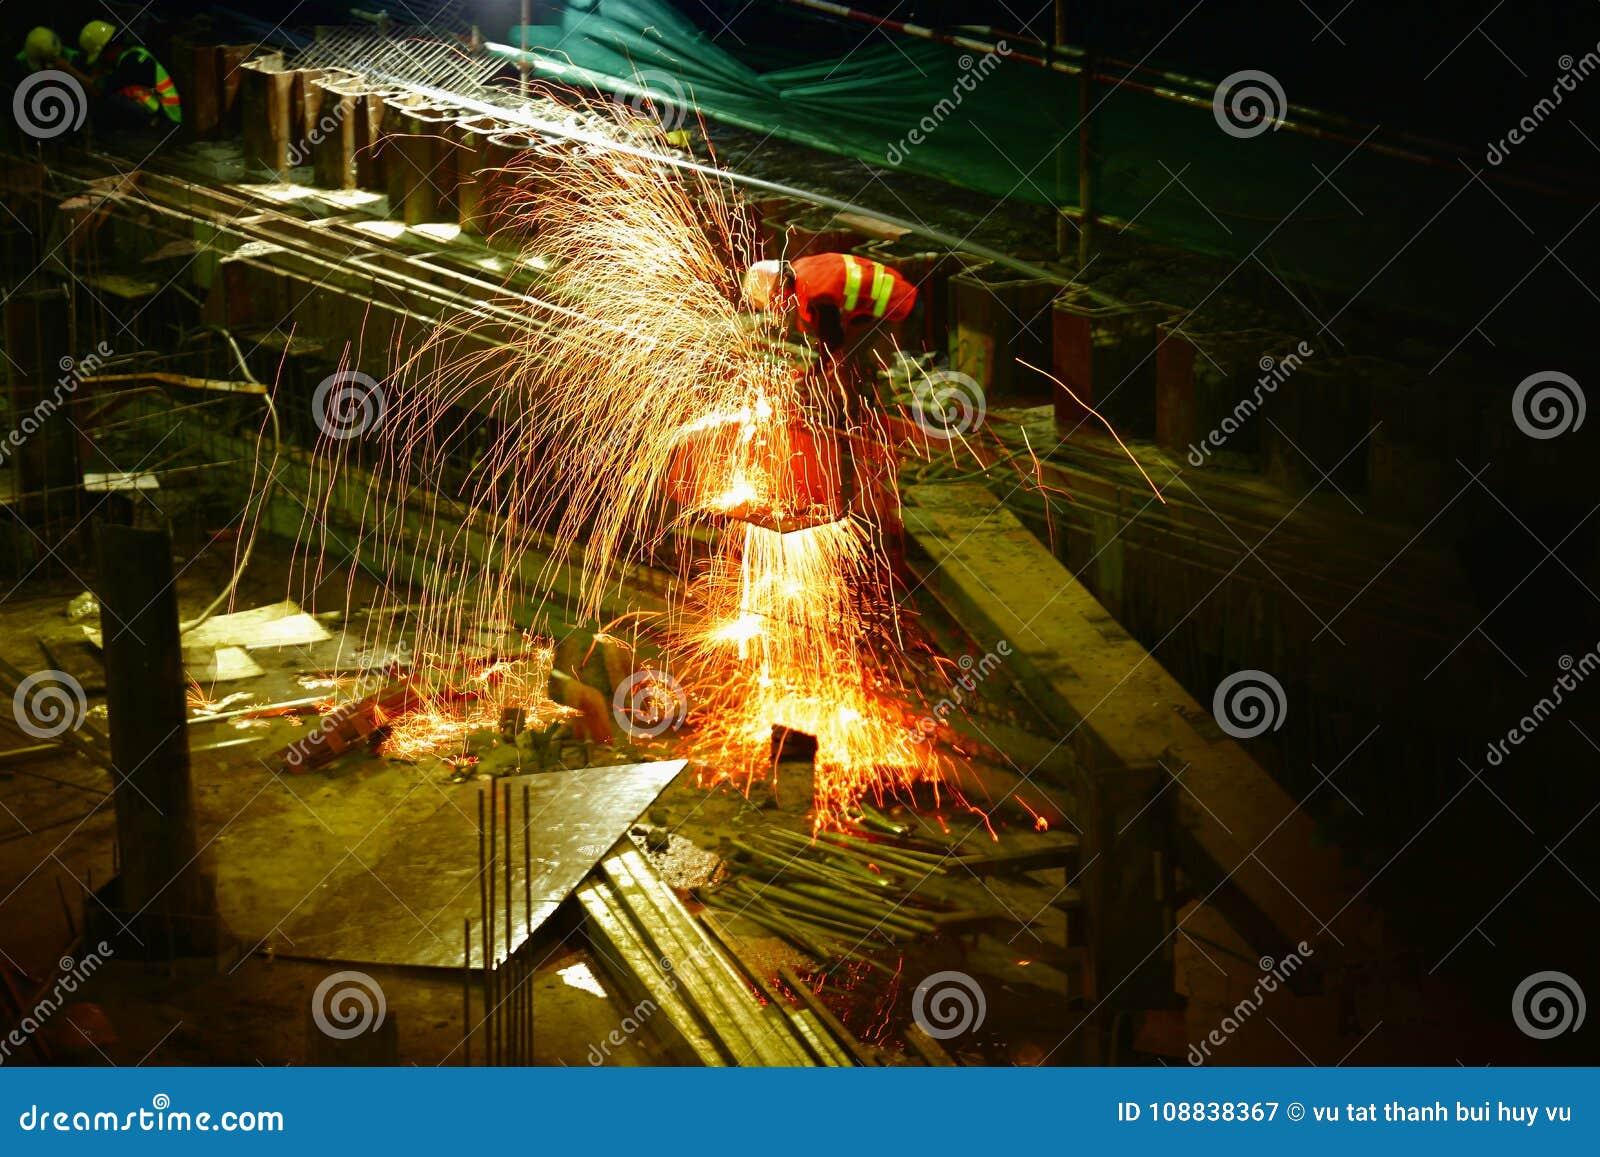 Exponering svetsning svetsning arbete arbetare stäng stället som skjutas upp arbete lampa Ljusa strålar natt afton Workhard hårt